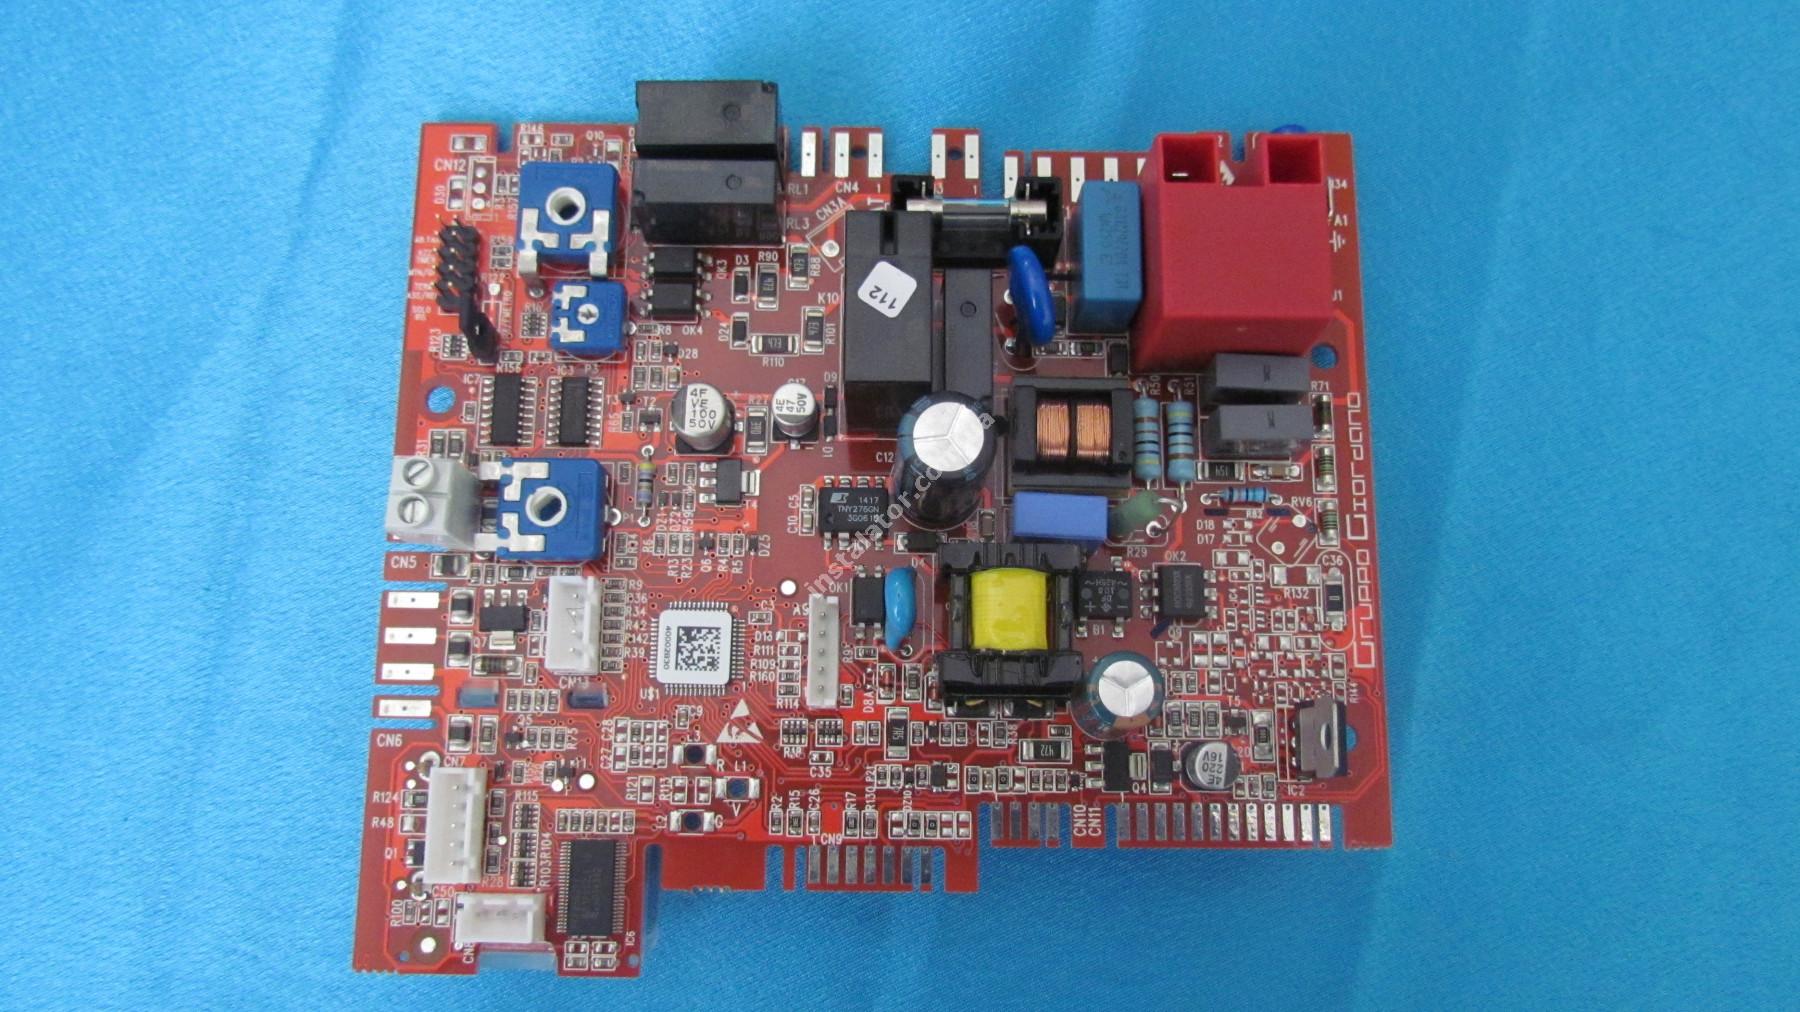 20049611 Плата  керування BERETTA City 24 CSI D( з дисплеєм ) MP05 full-image-3